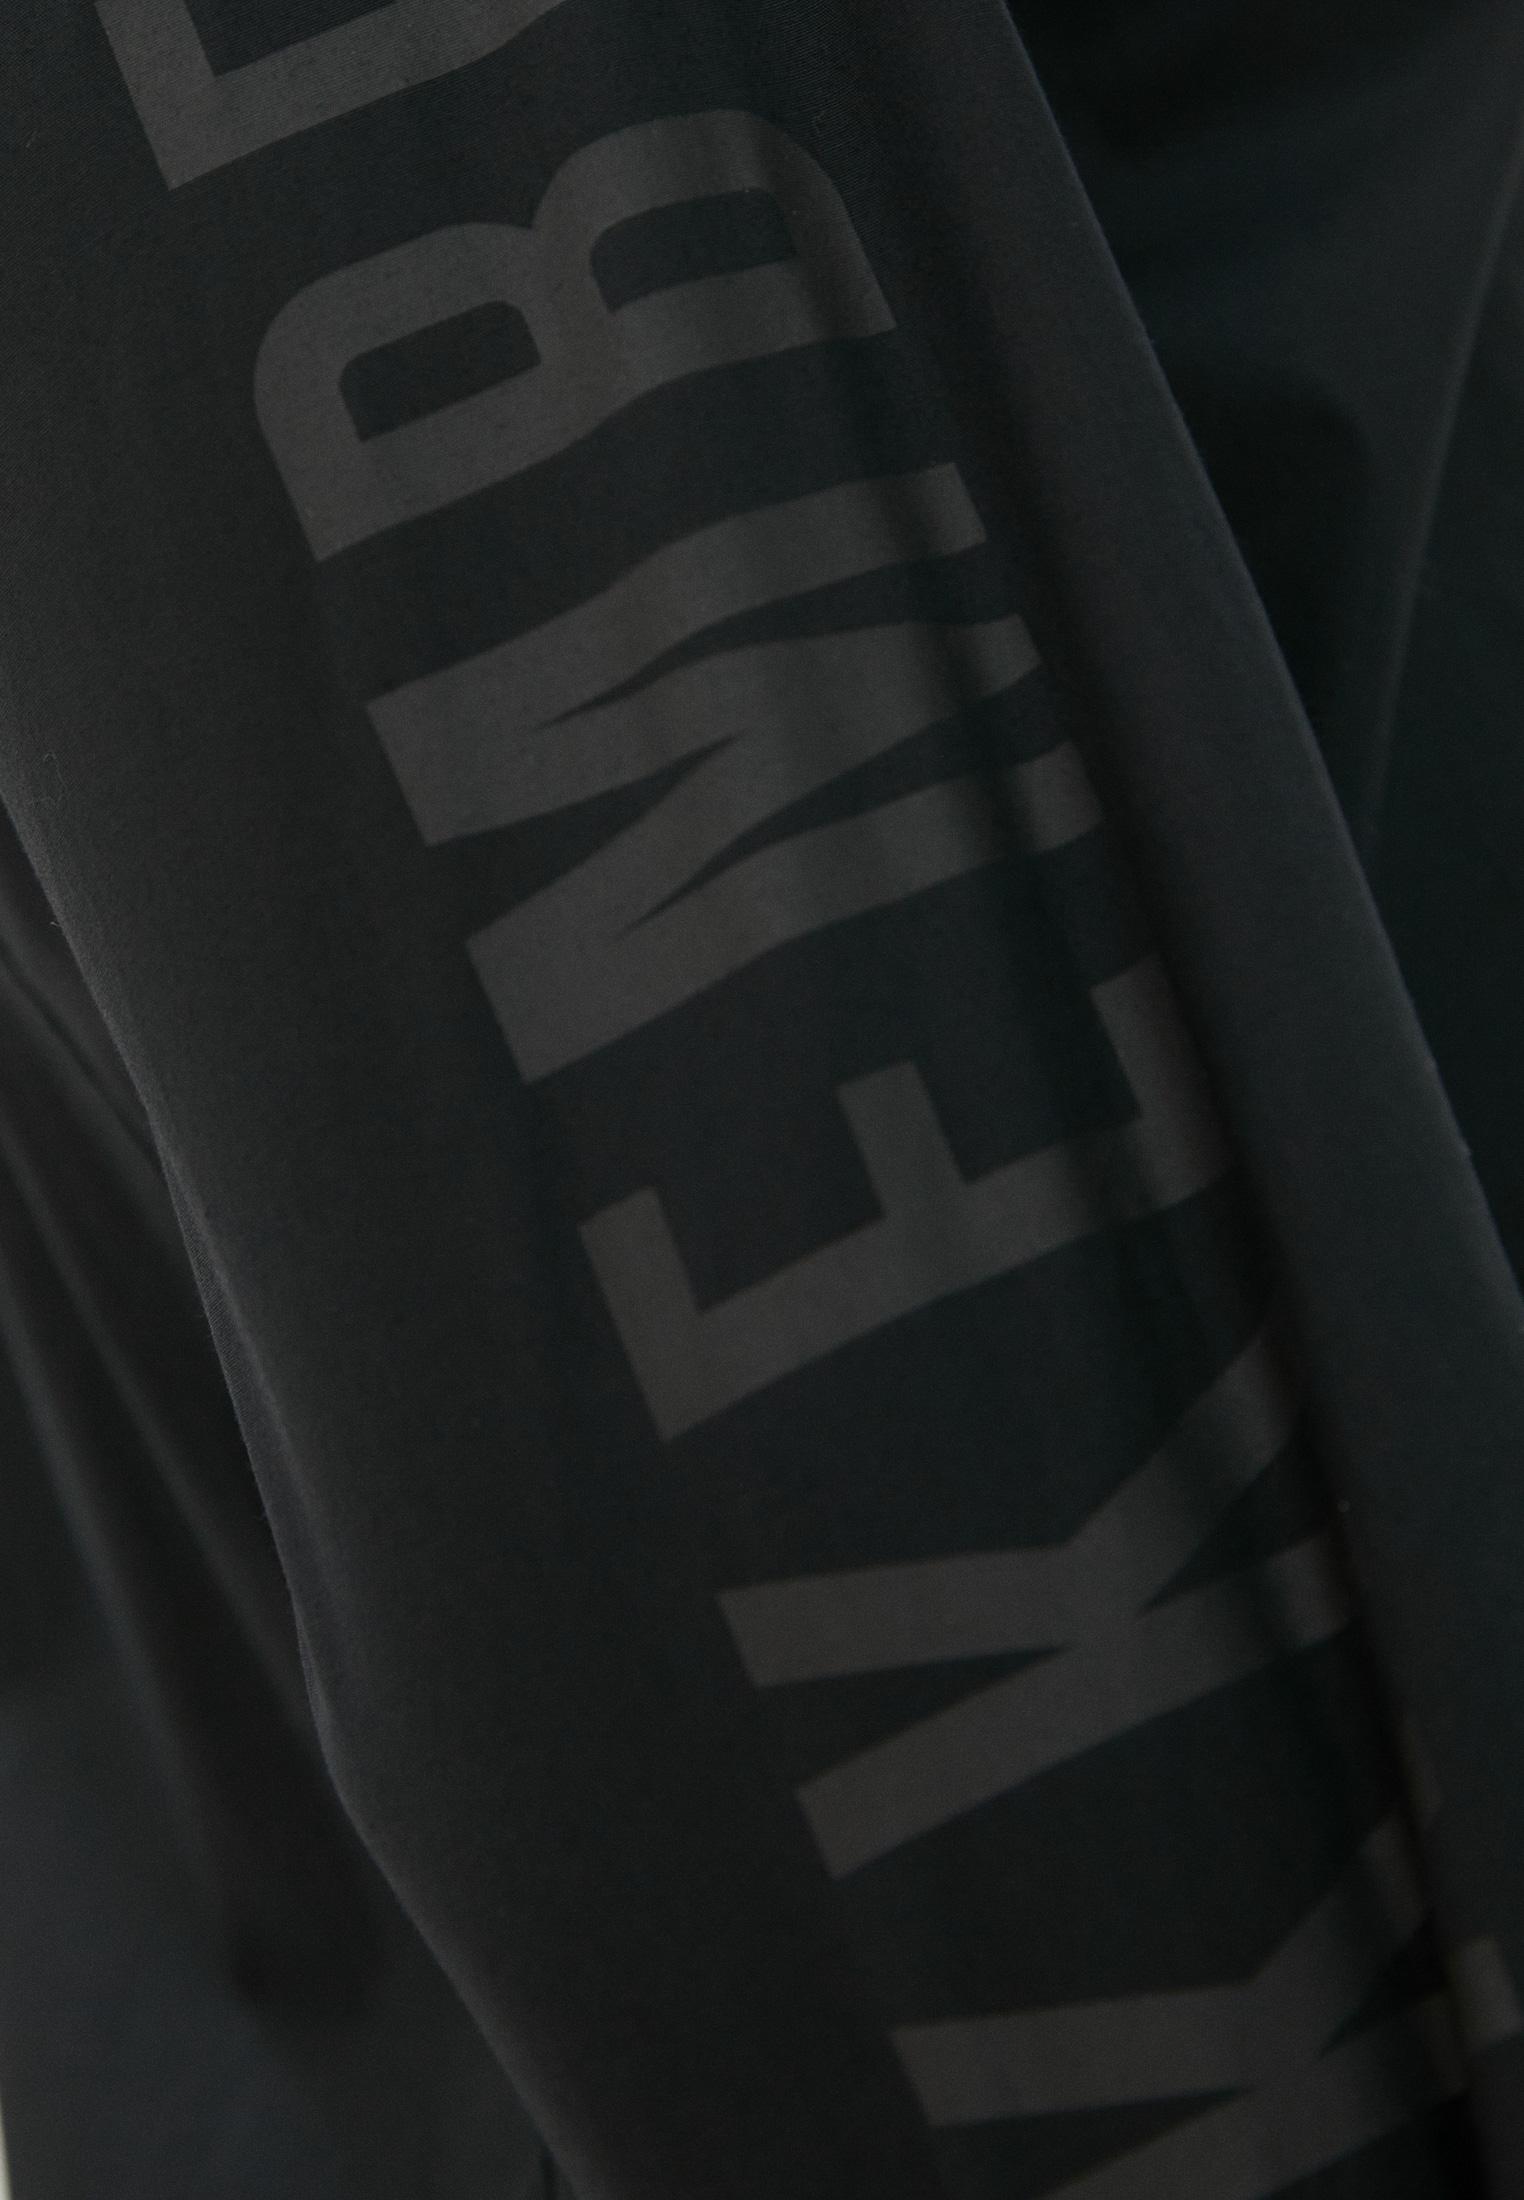 Рубашка с длинным рукавом Bikkembergs (Биккембергс) C C 009 3V S 2931: изображение 5